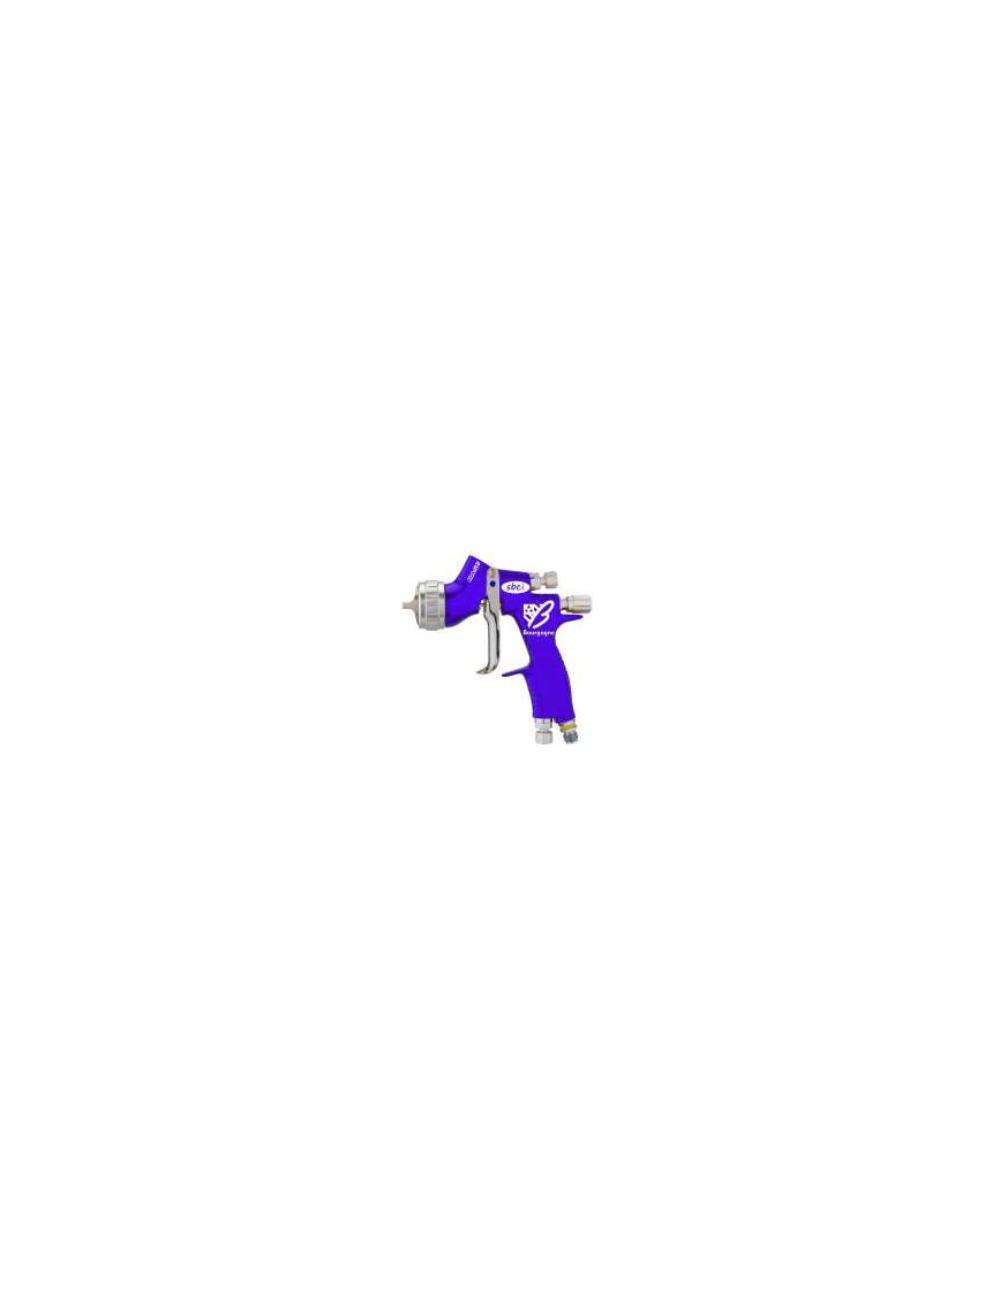 Pistolet GTIPro Lite BASE GTIPRO LITE GRAVITE 12/13 - BLEU